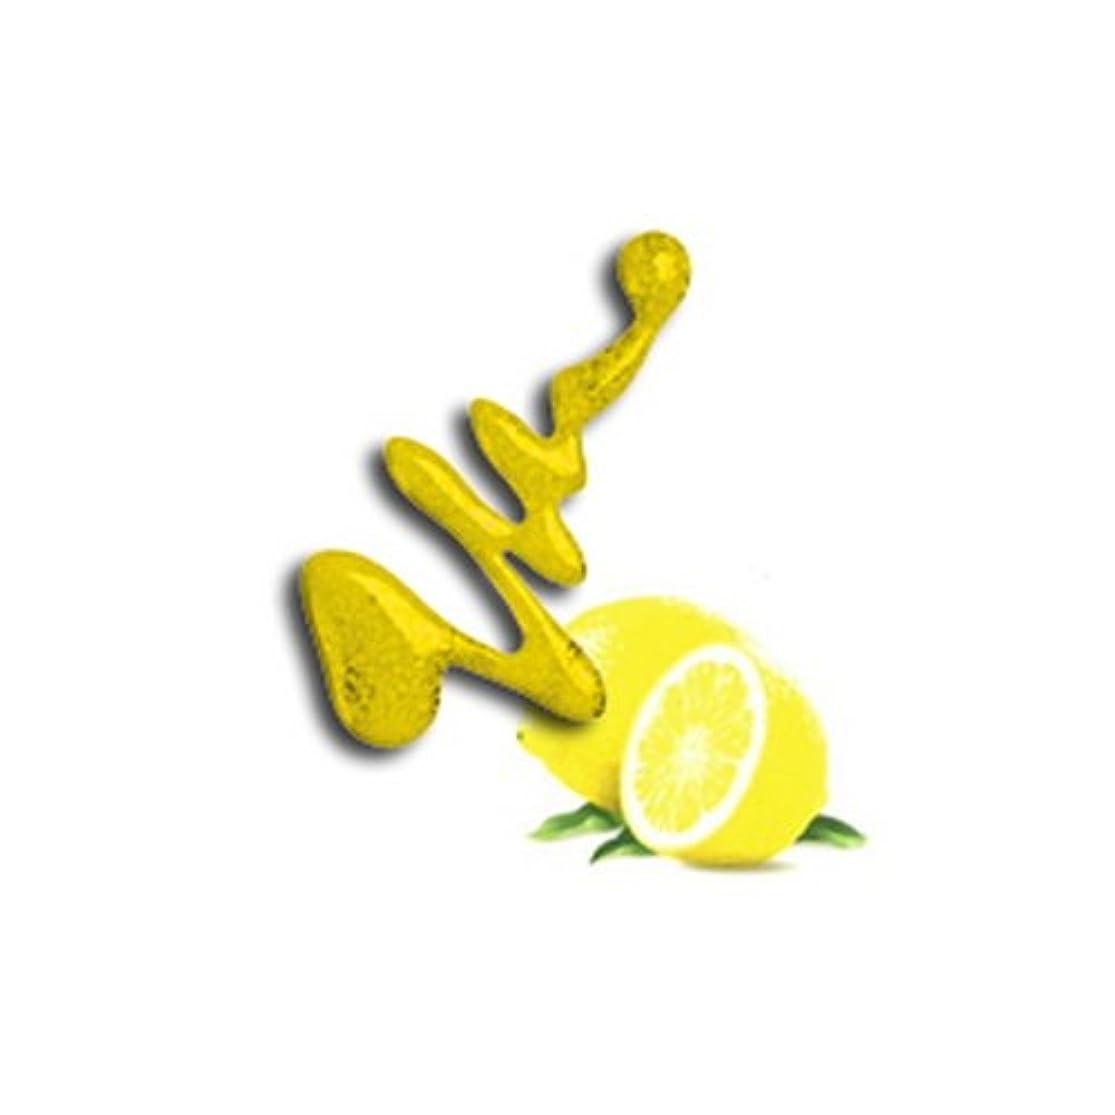 整理するリングバック日常的に(3 Pack) LA GIRL Fruity Scented Nail Polish - Zesty Citrus (並行輸入品)